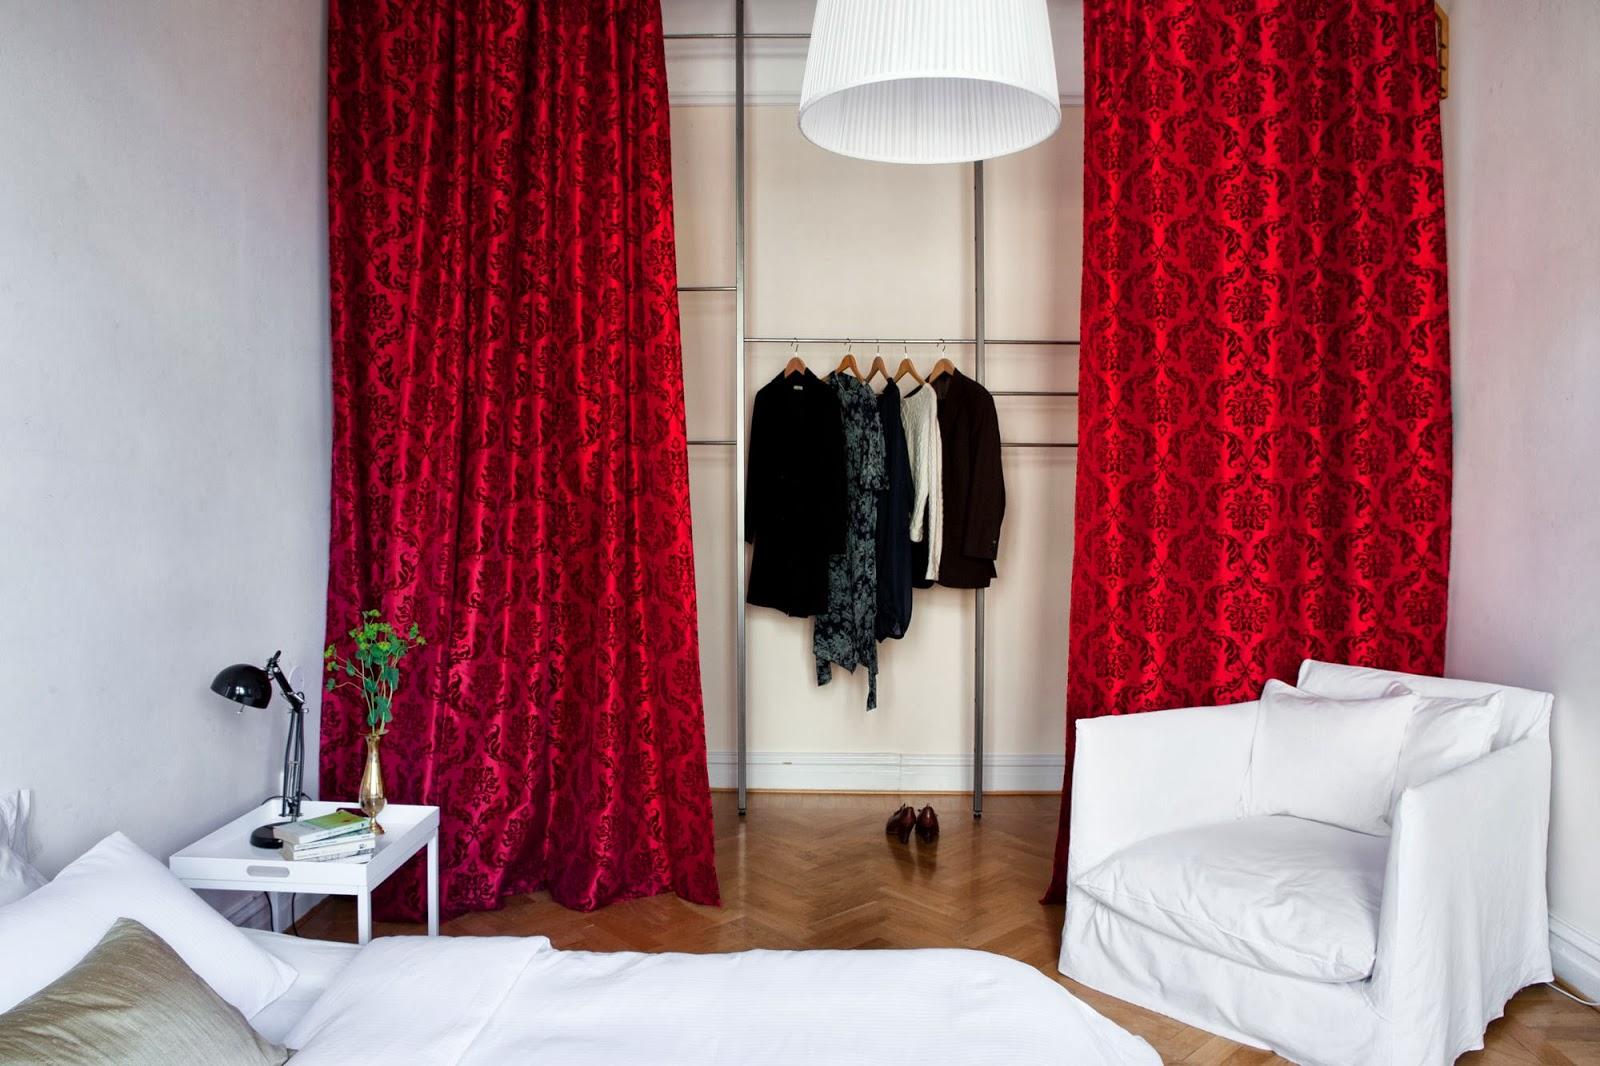 Petitecandela blog de decoraci n diy dise o y muchas for Decoracion de cortinas